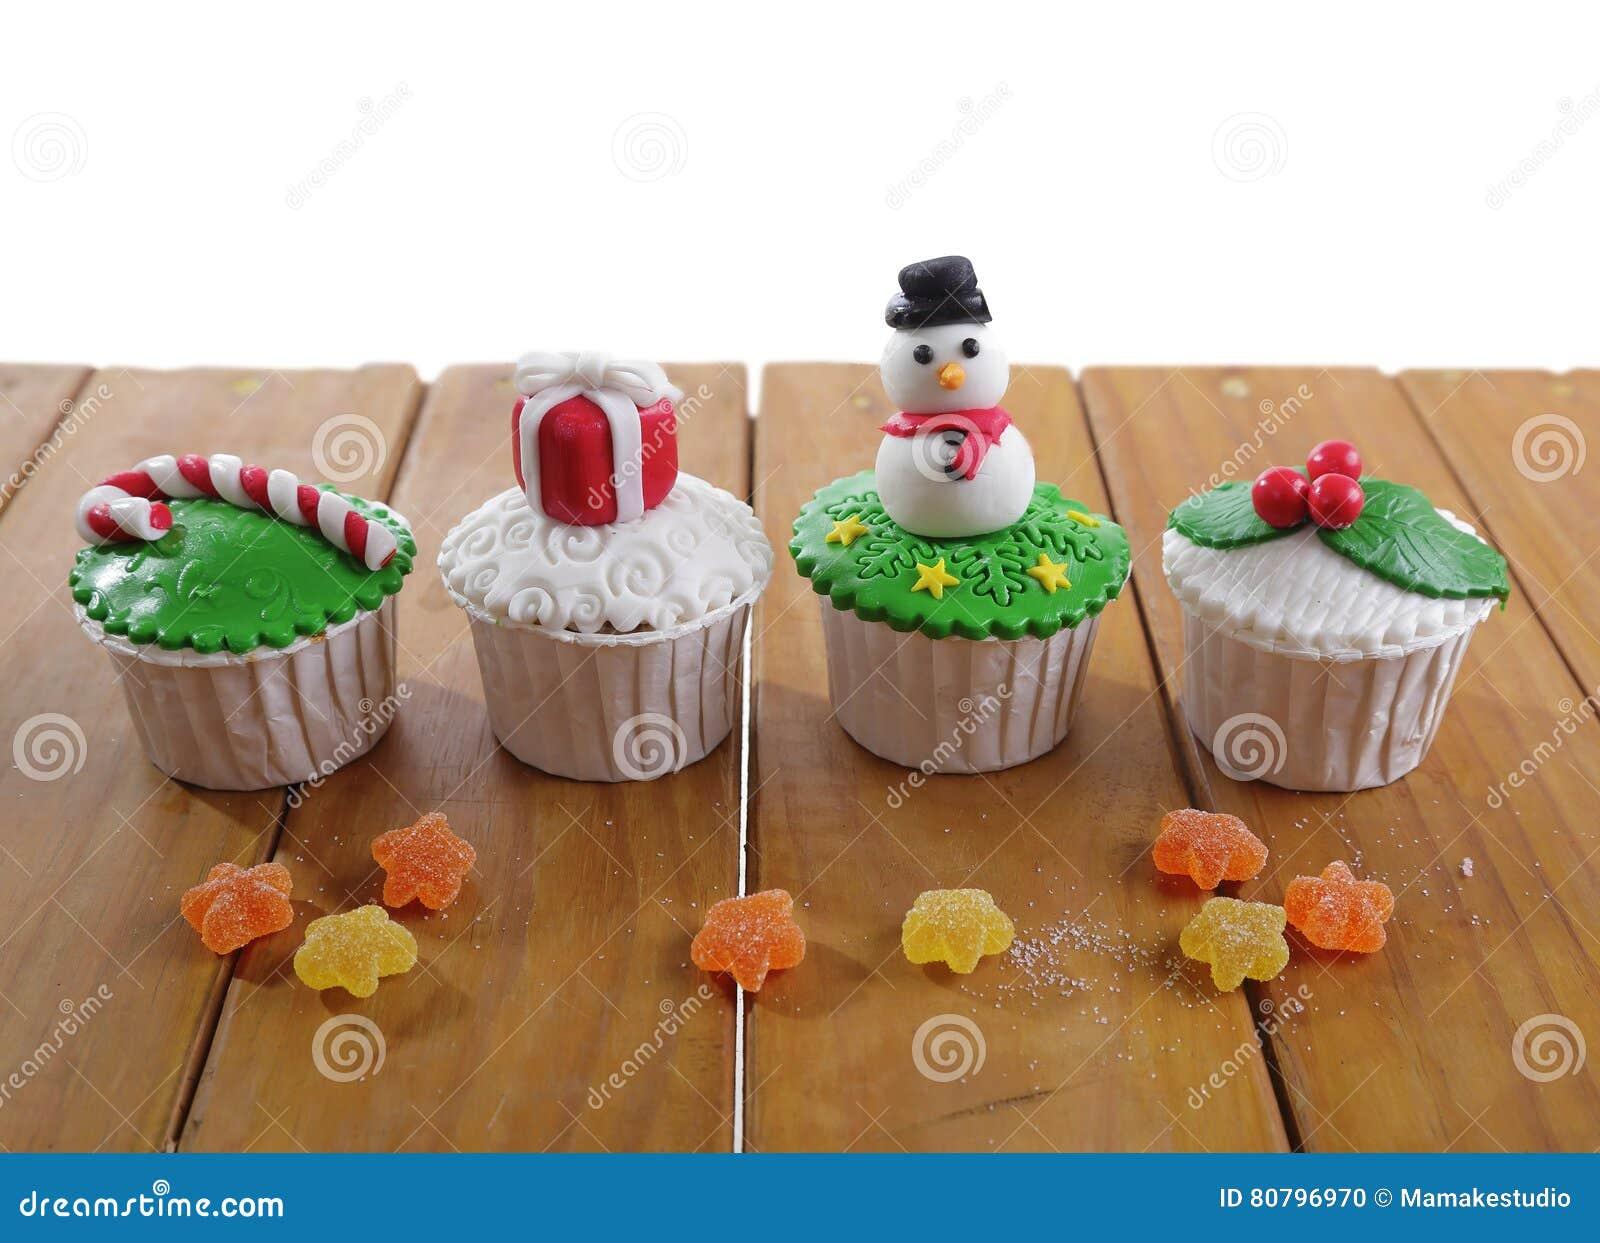 Christmas Cupcakes Stock Photo Image Of Gift Ball Green 80796970